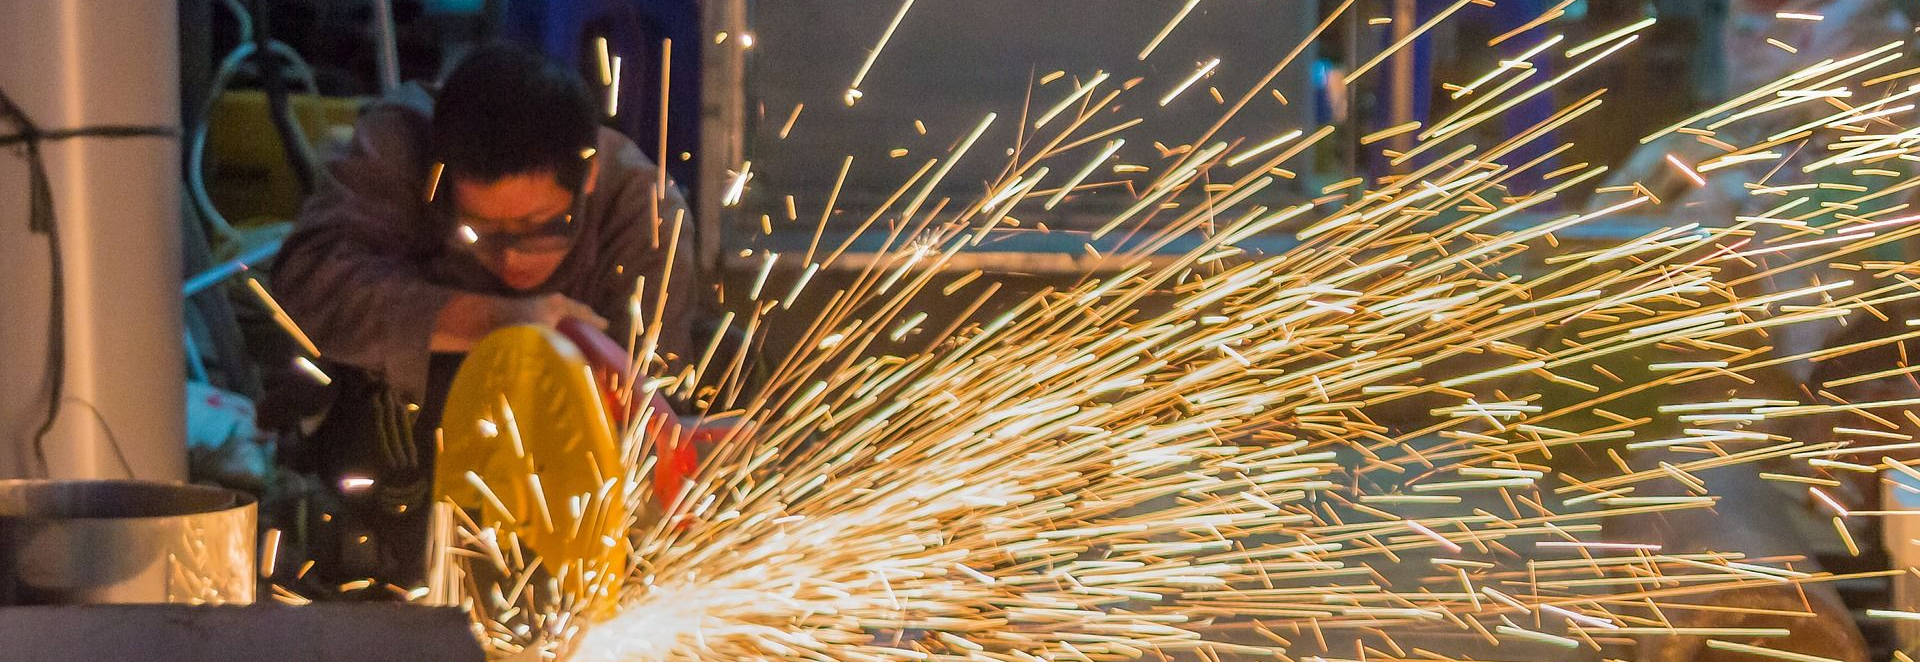 Die Betriebshaftpflichtversicherung ist die wichtigste Versicherung zur Absicherung von Unternehmern